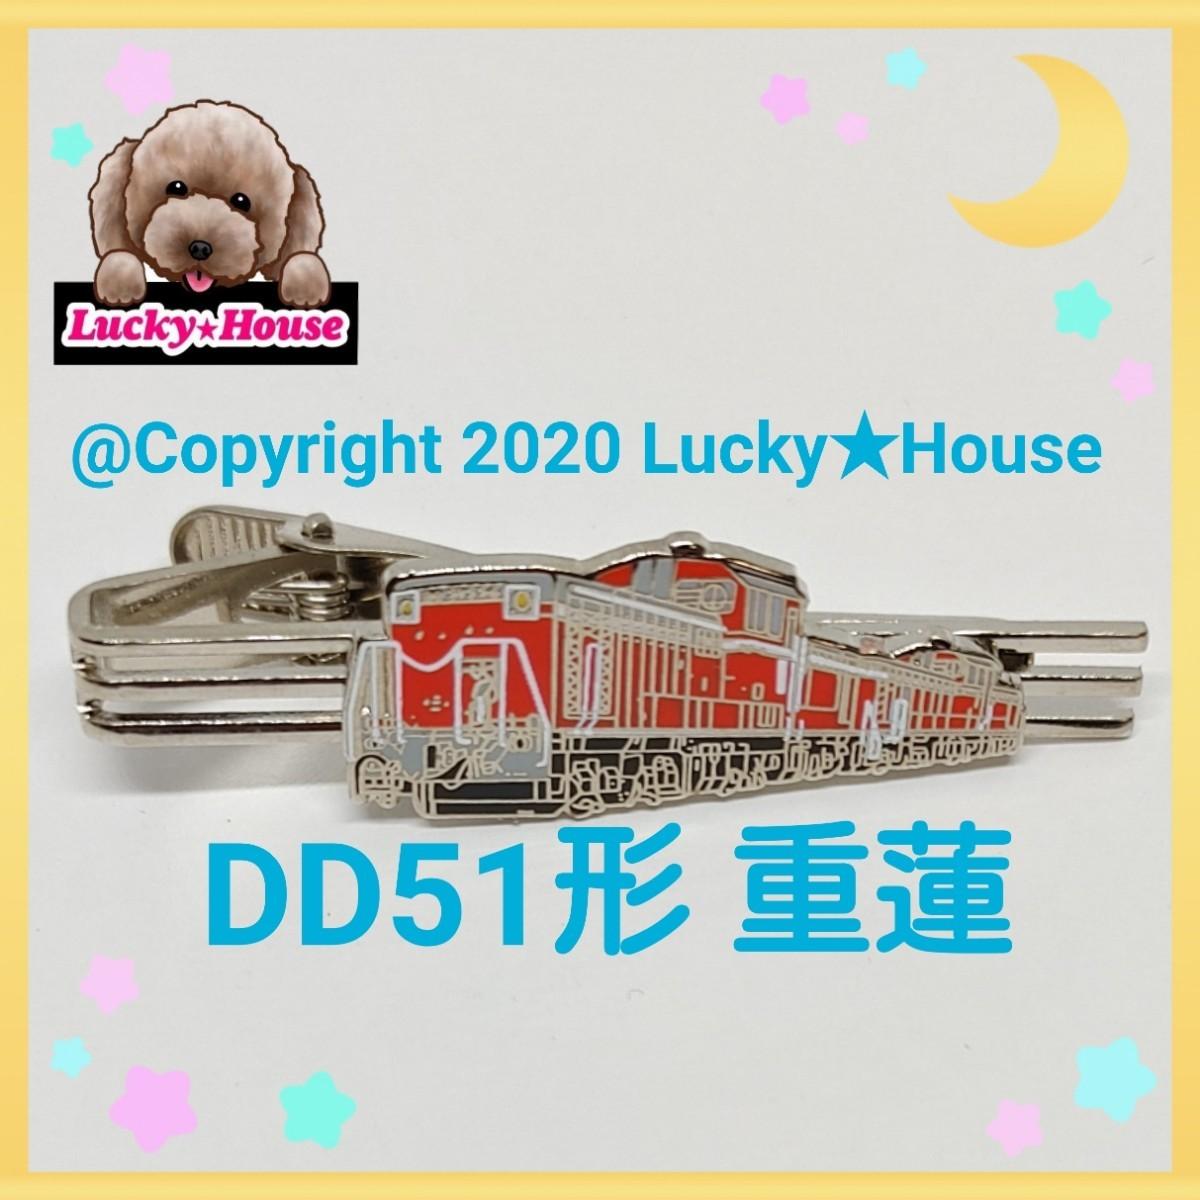 ネクタイピン DD51形 重連 貨物列車 鉄道 電車  JR貨物列車 トレイン グッズ コレクター コレクション タイバー